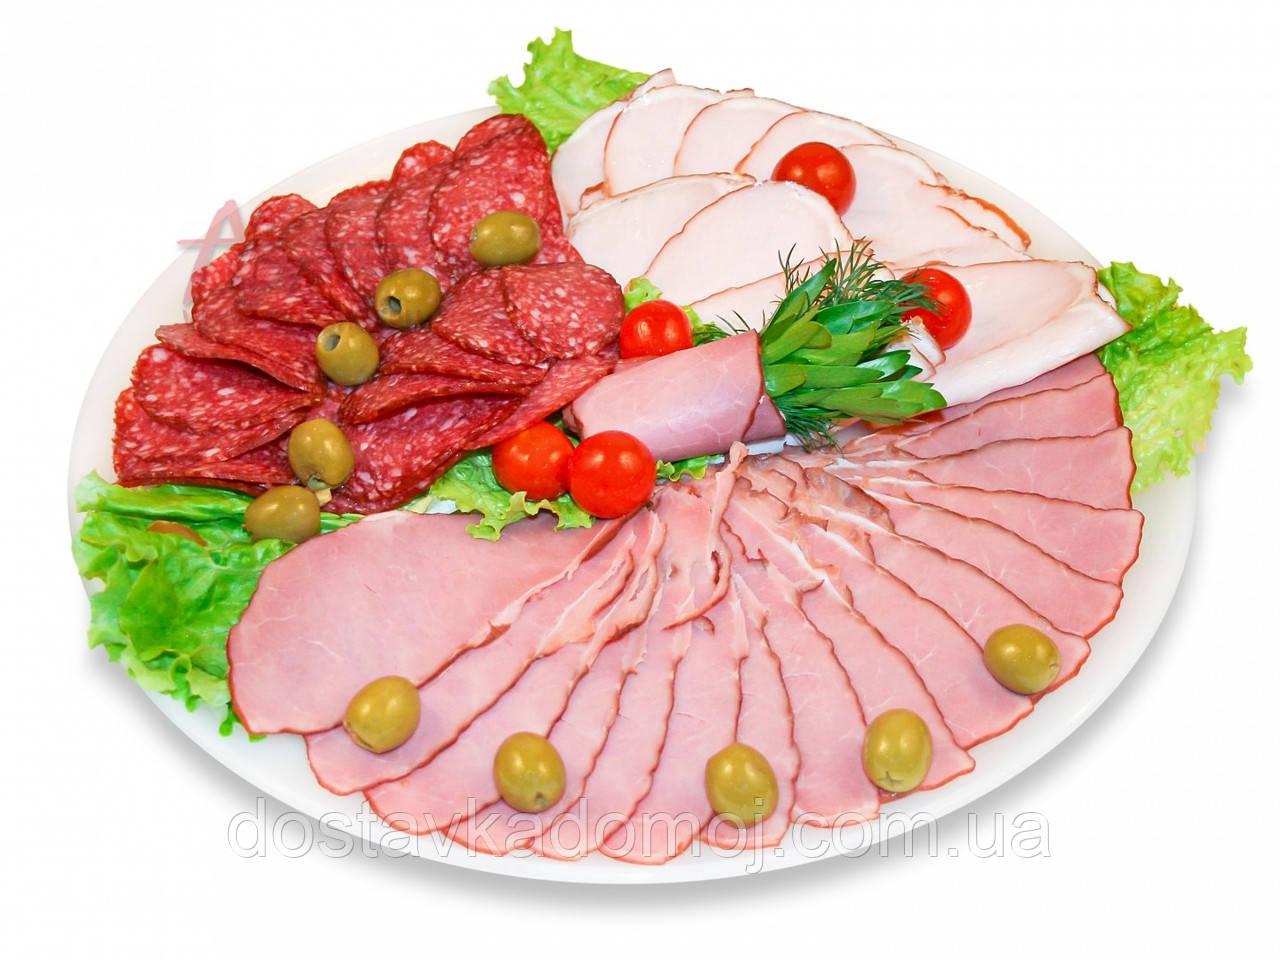 Ассорти мясных деликатесов